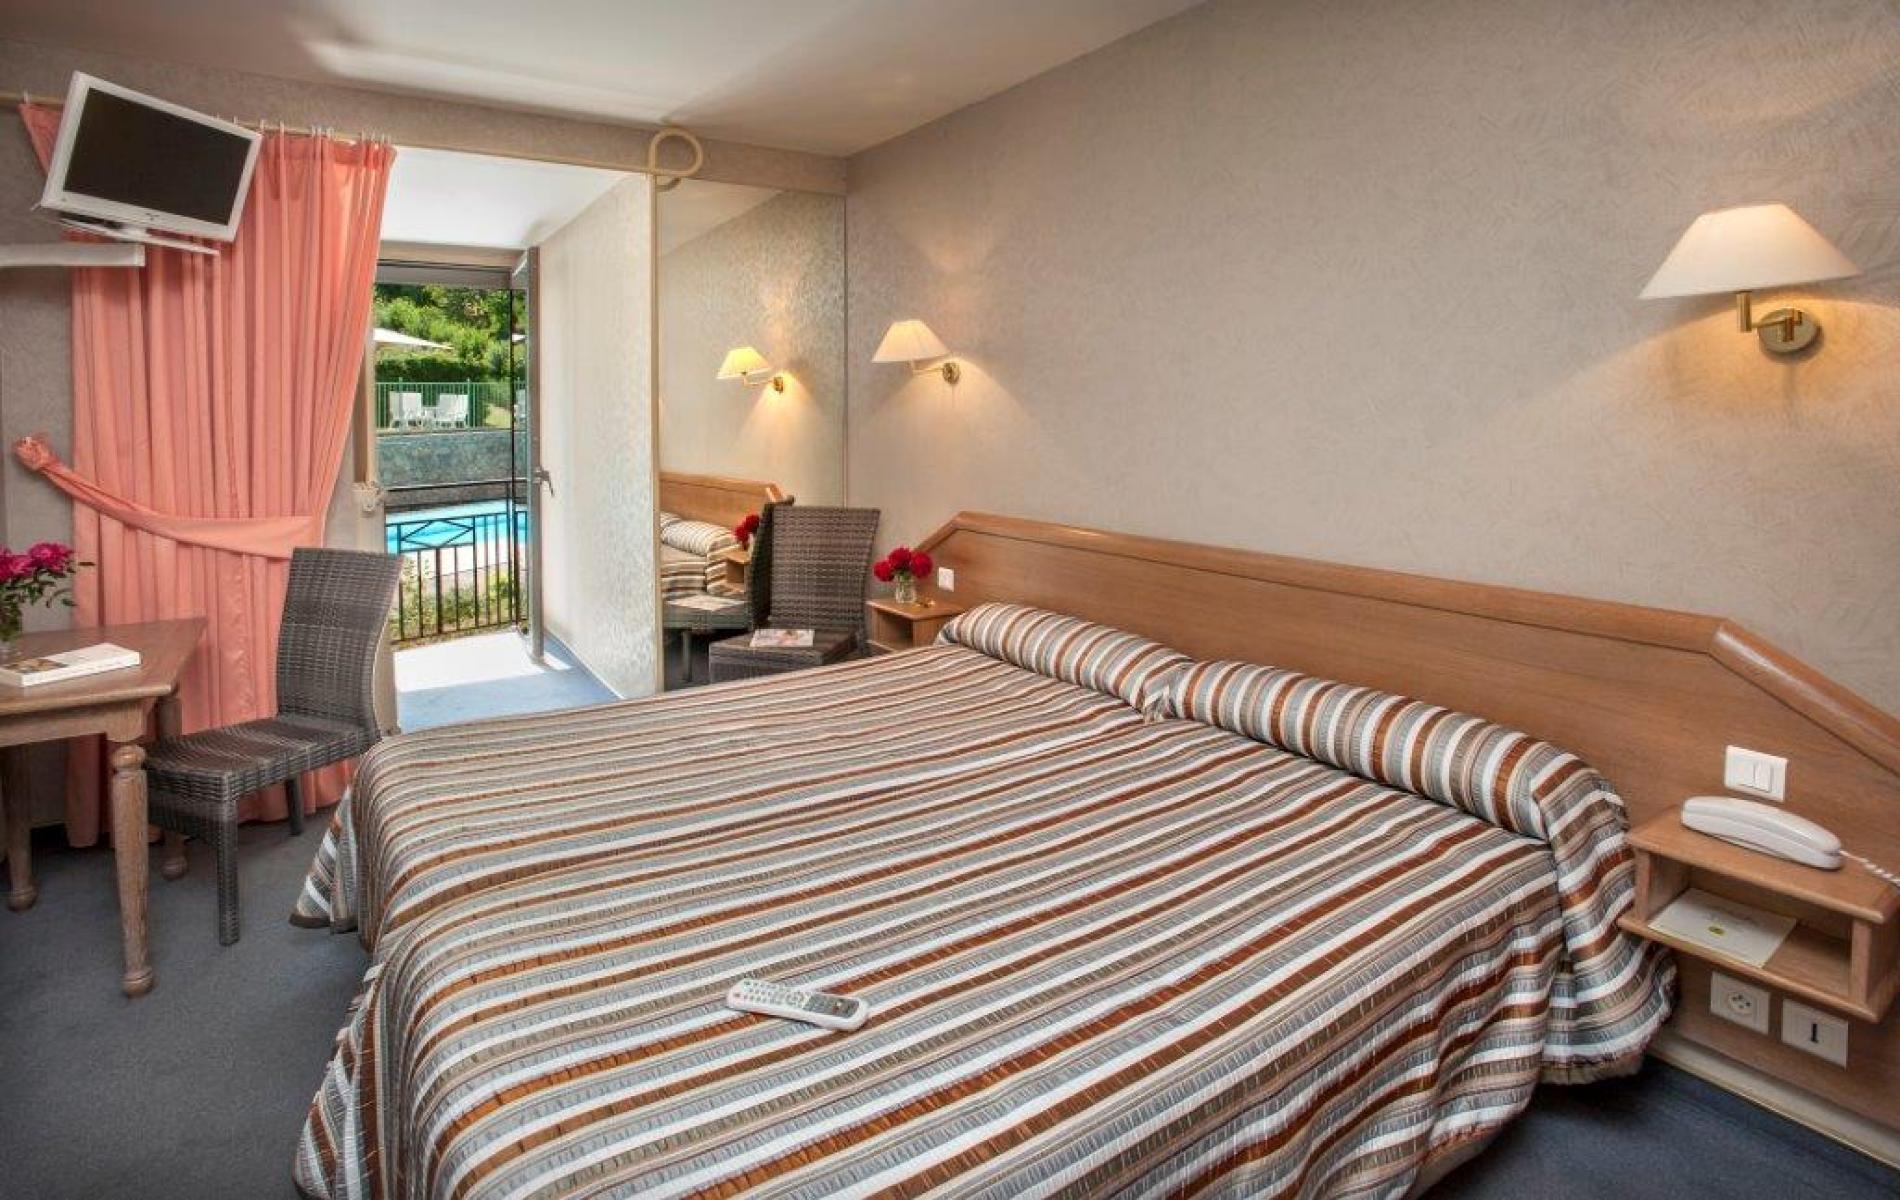 Chambre twin Confort, lits jumeaux 90 x 190 au deuxième étage côté piscine